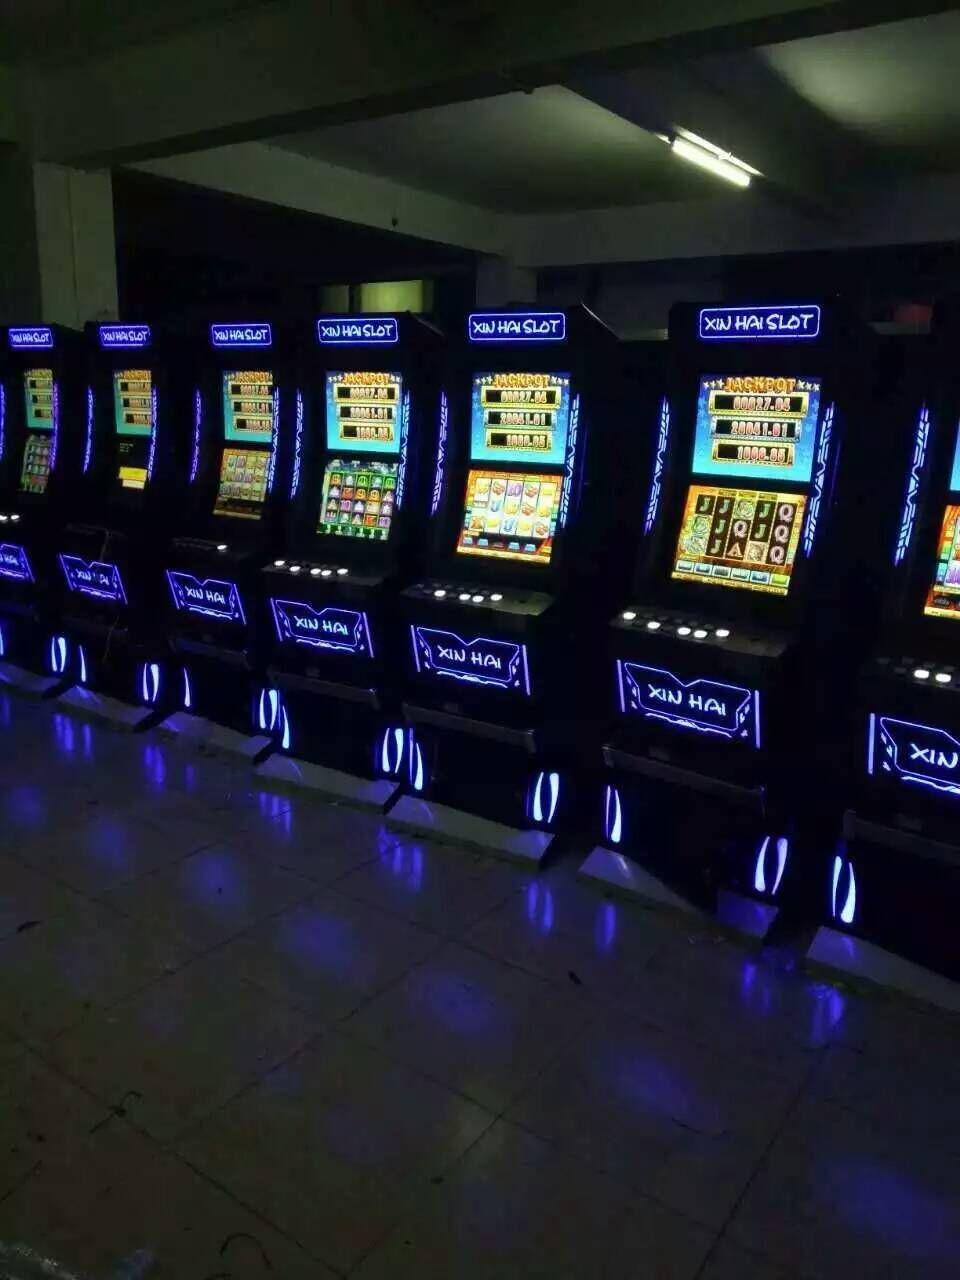 Casino slot machine payout percentage